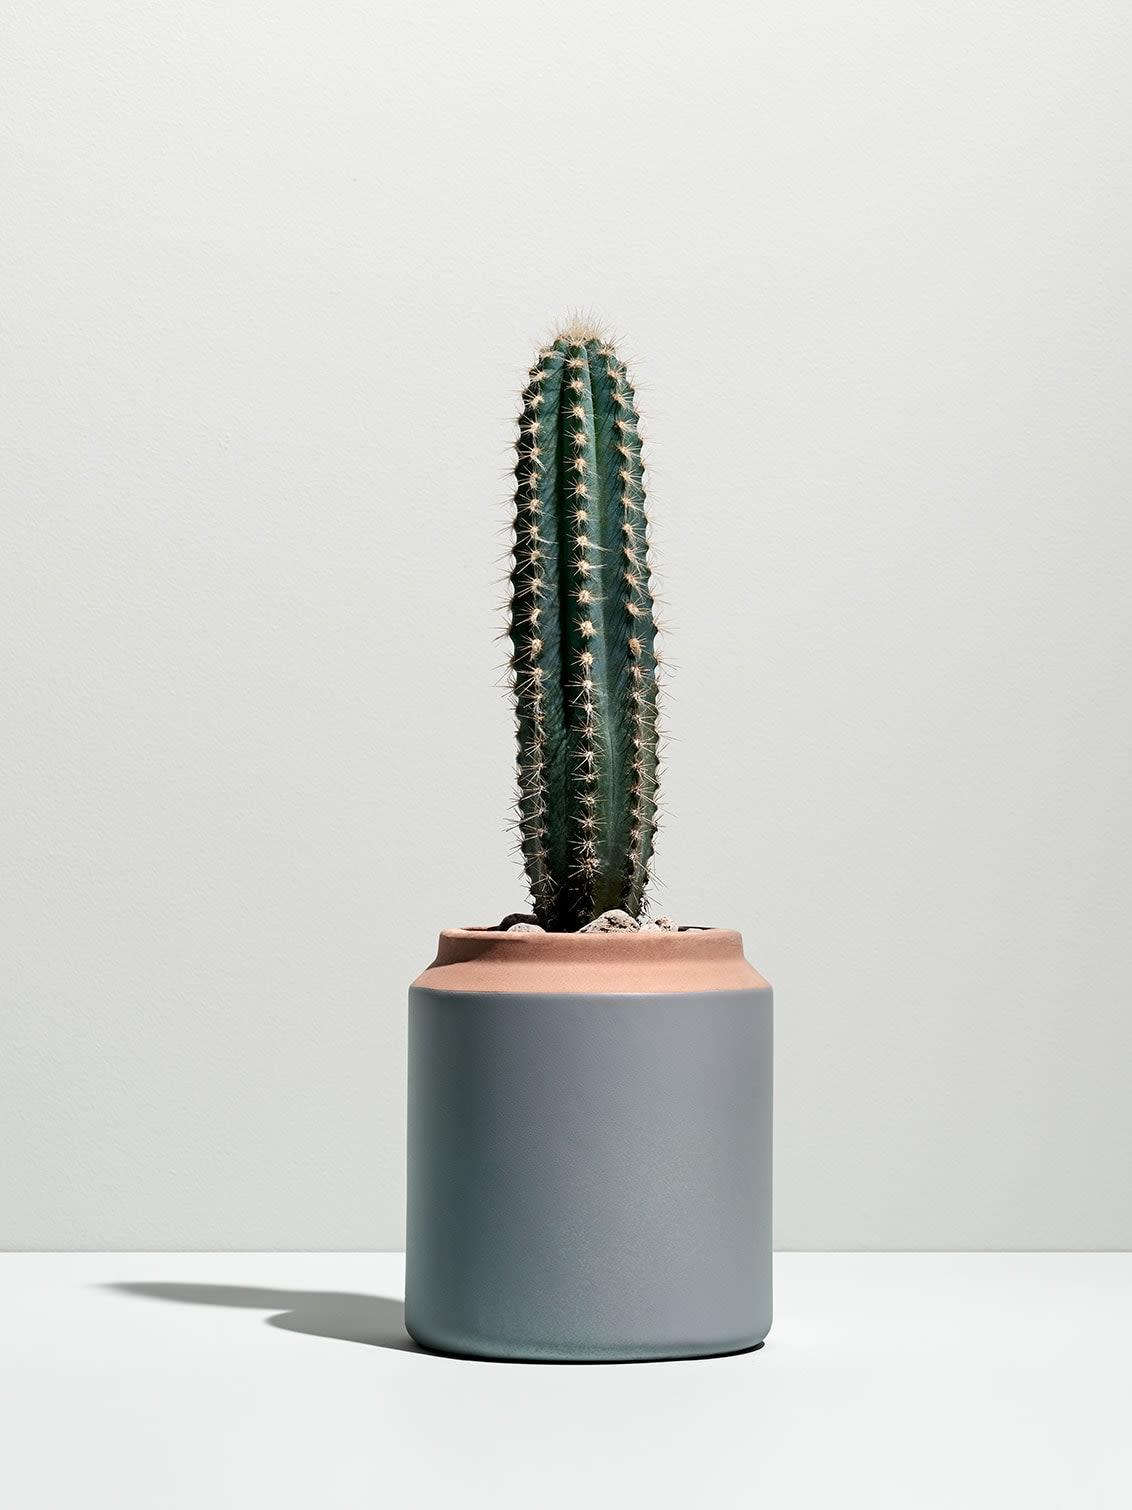 An erect cactus